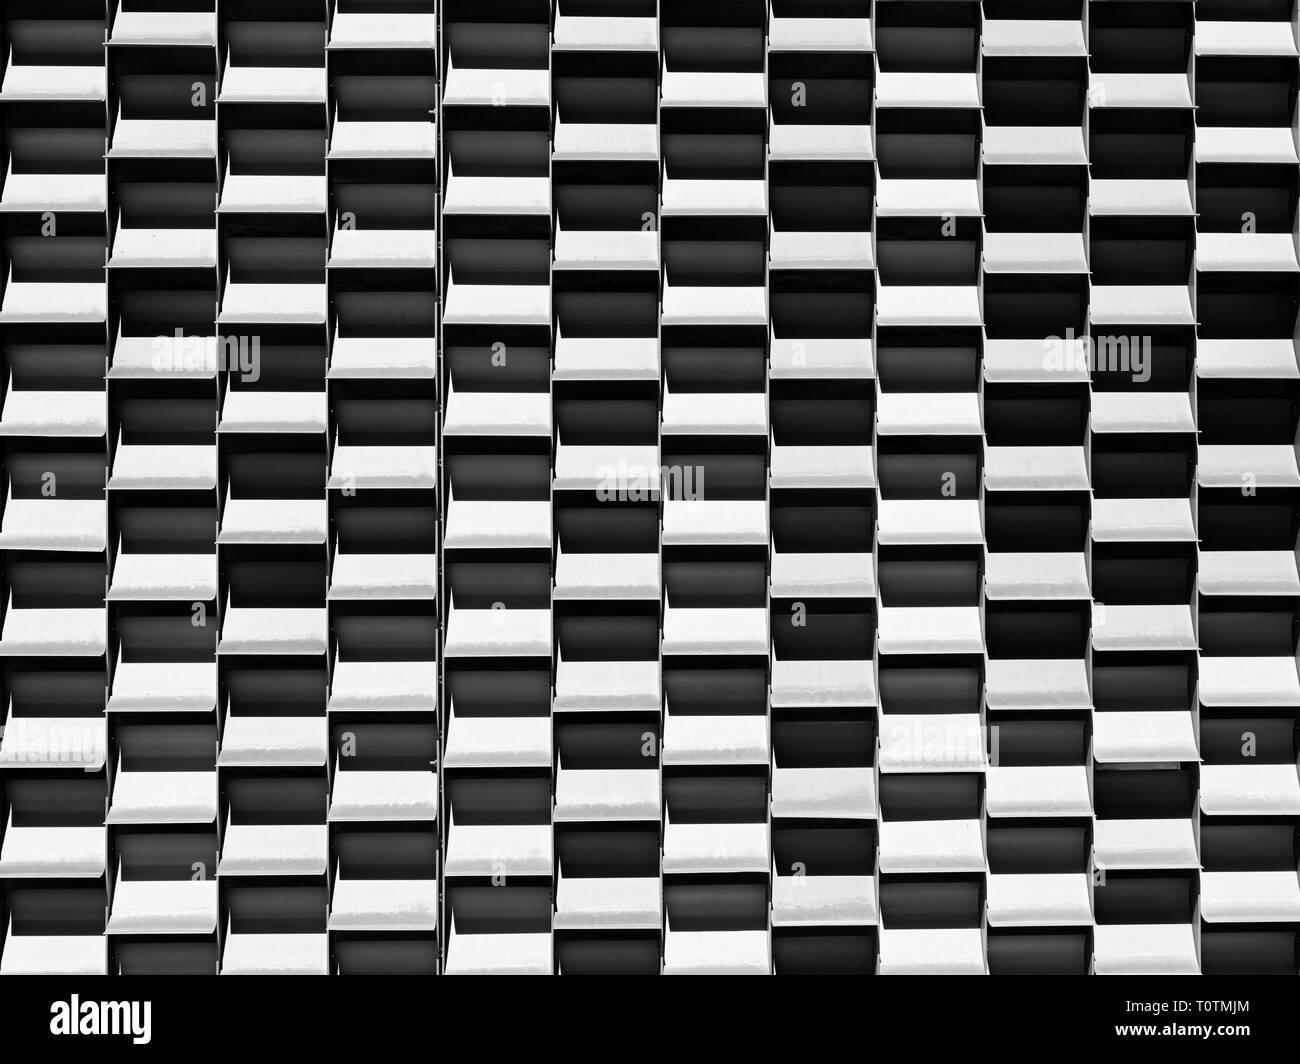 Patrón de cuadros en blanco y negro, fondo o abstractos de diseño simétrico, concepto de arreglo ordenado. Foto de stock